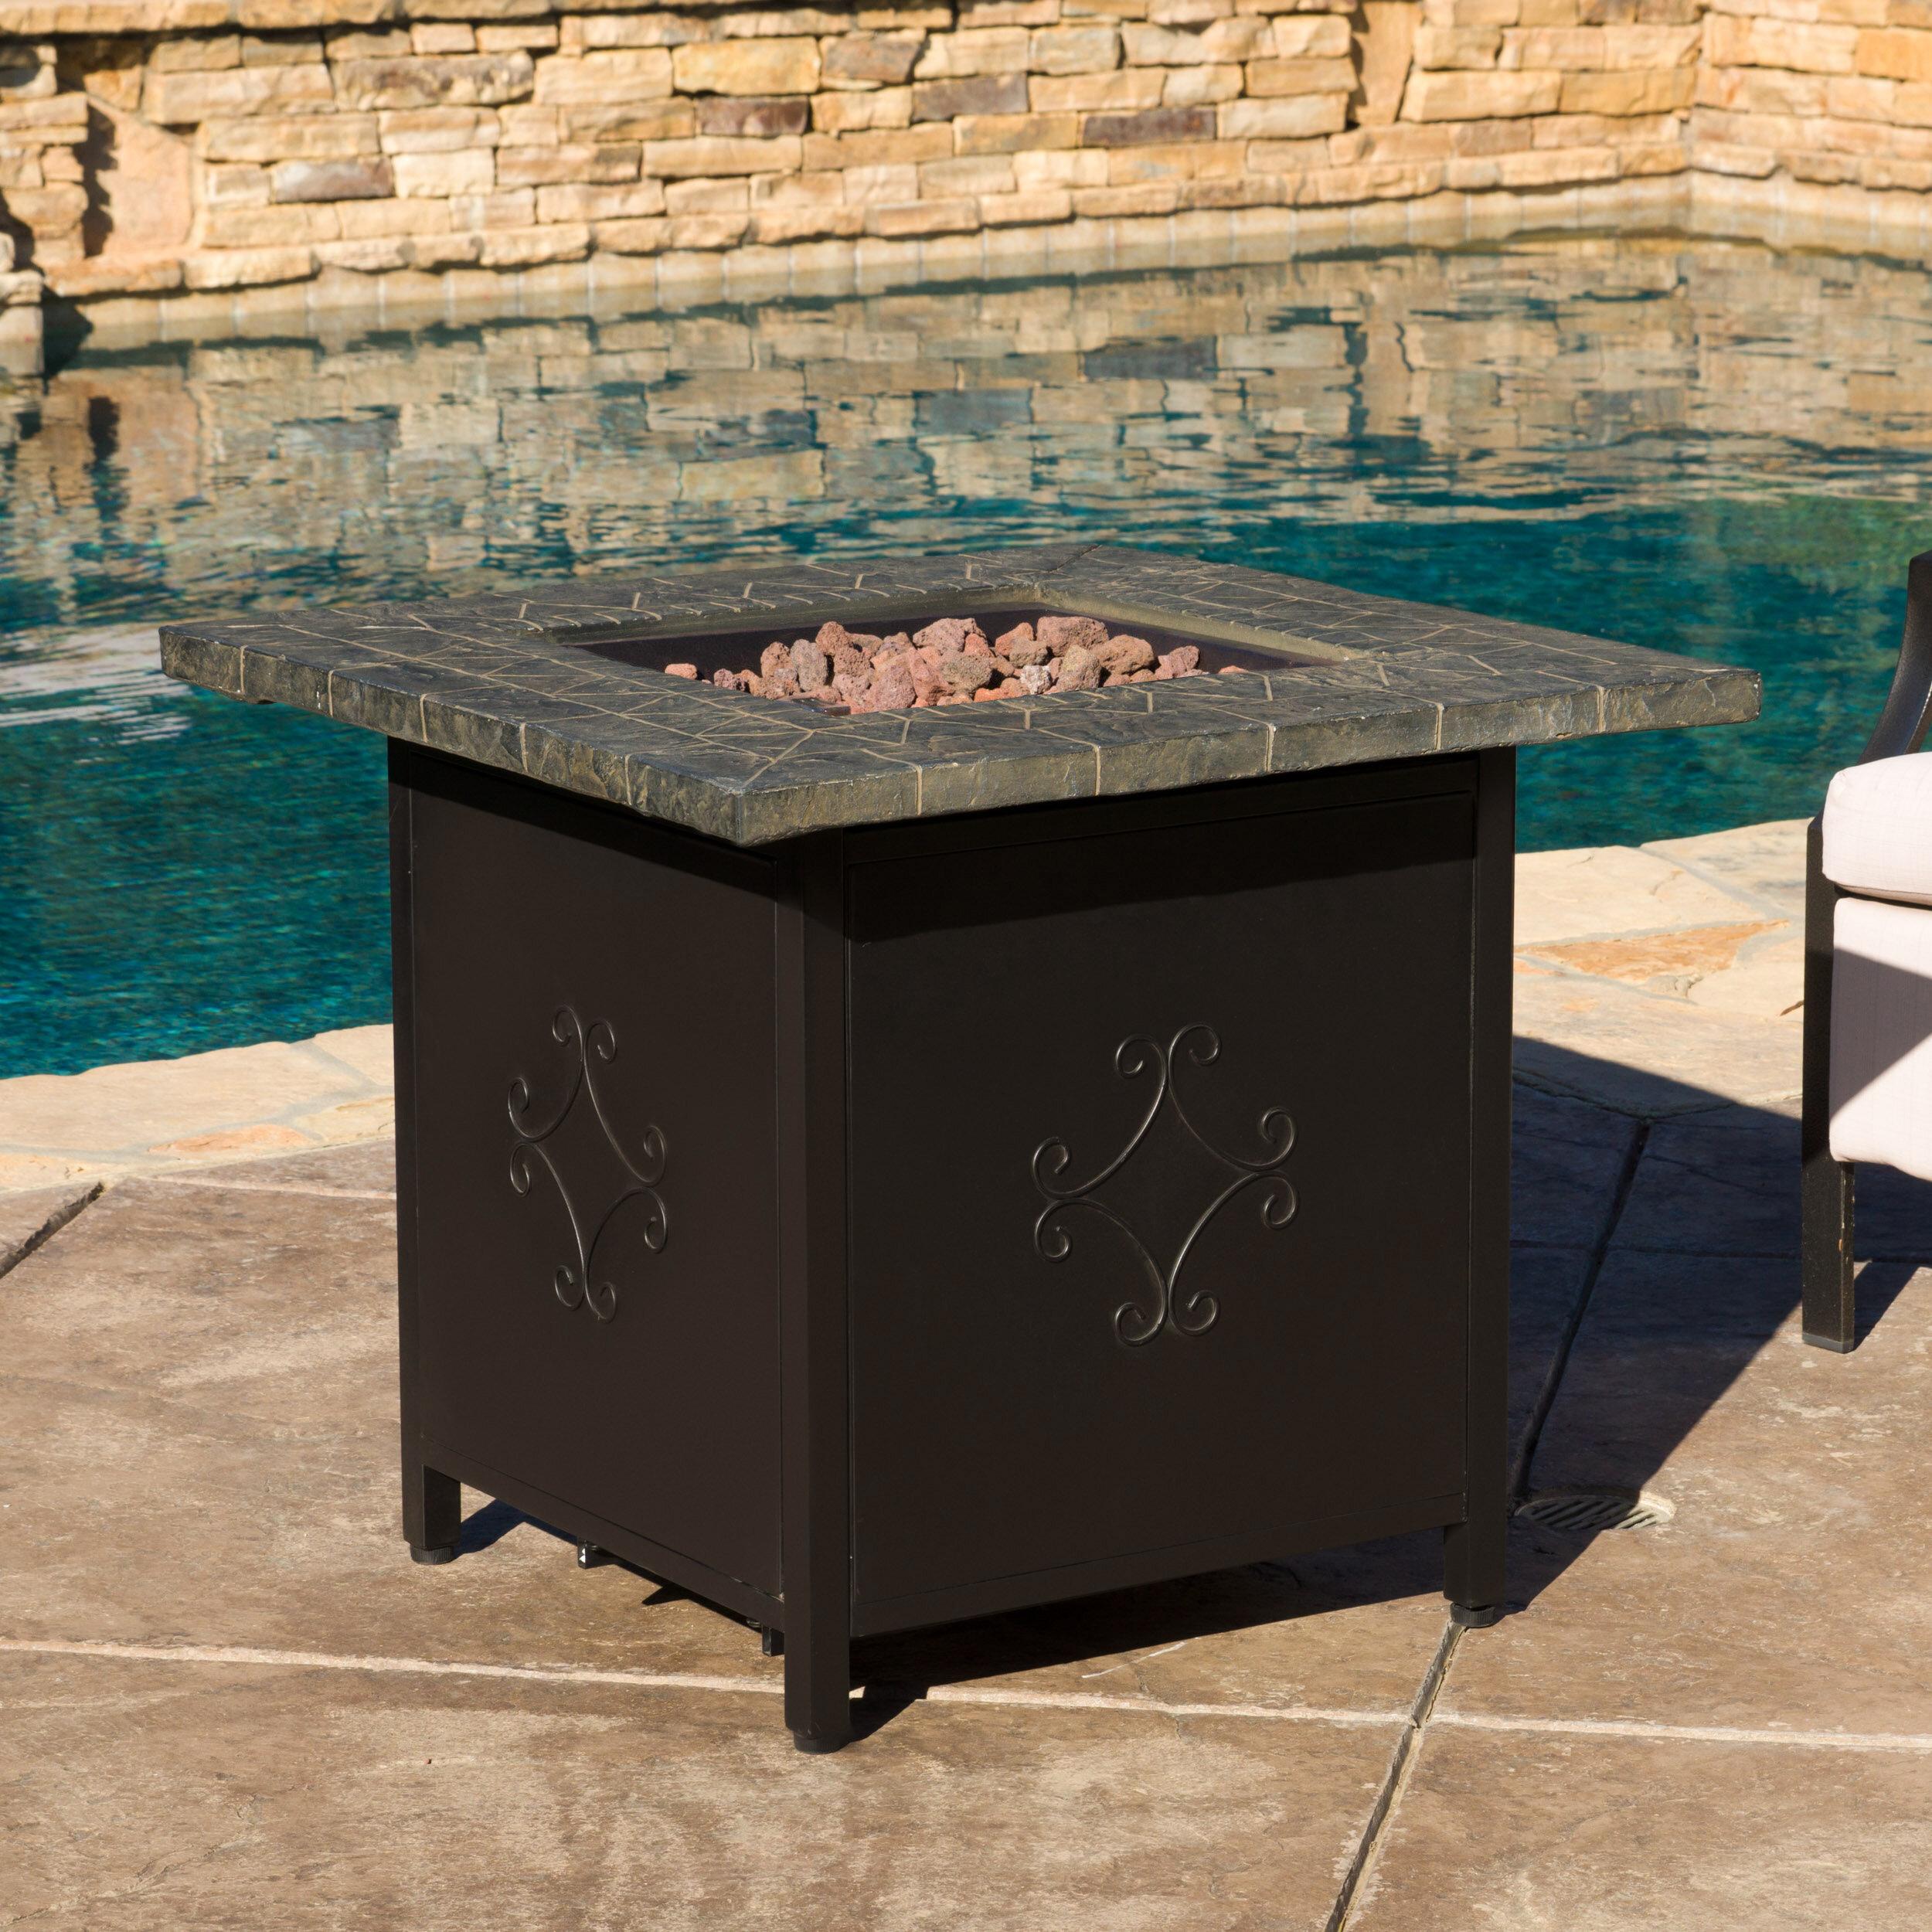 home loft concepts rios cast iron propane fire pit table reviews